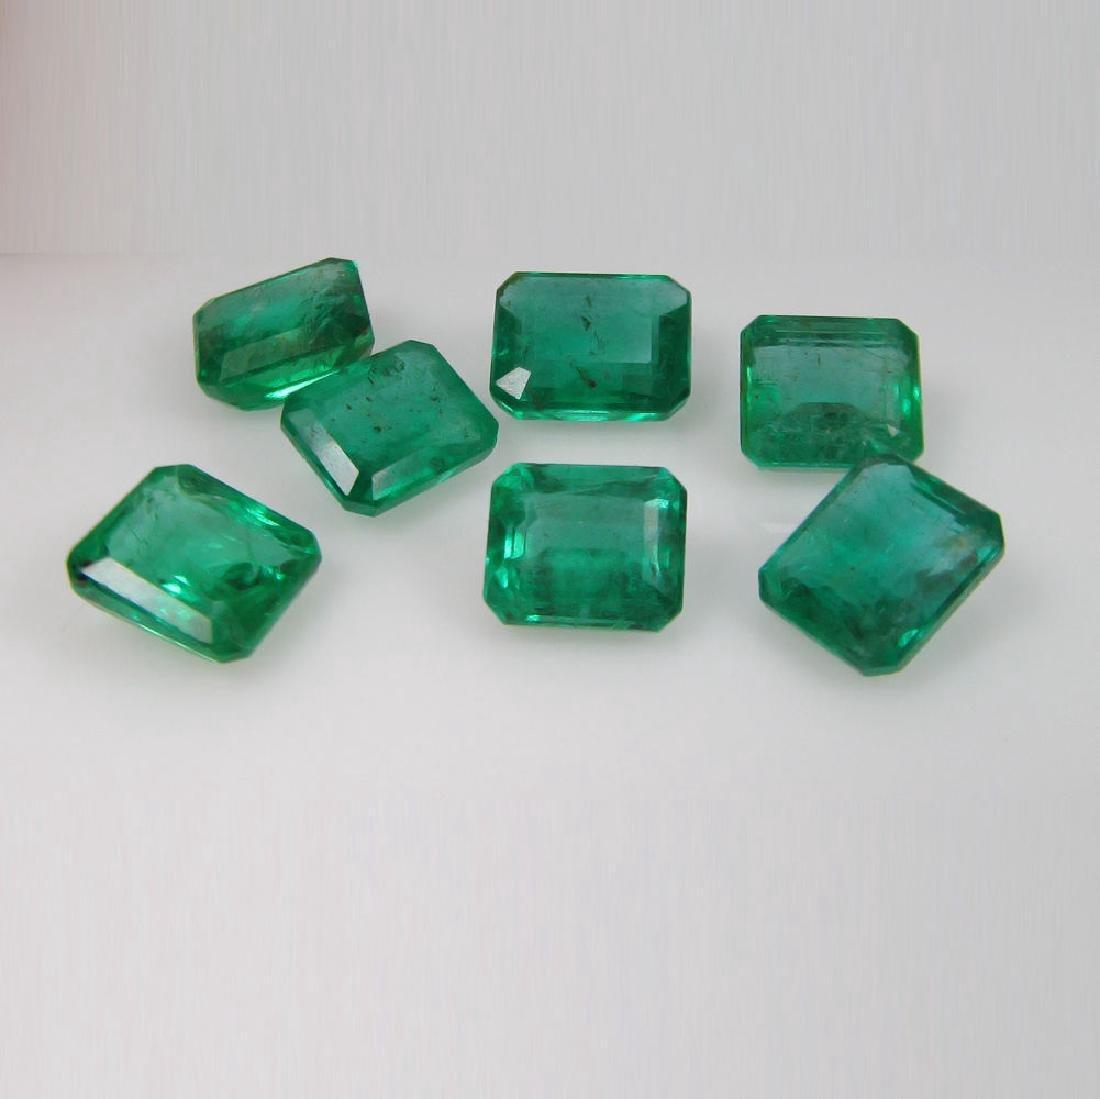 13.19 Carat - 7 Loose Emeralds - 2